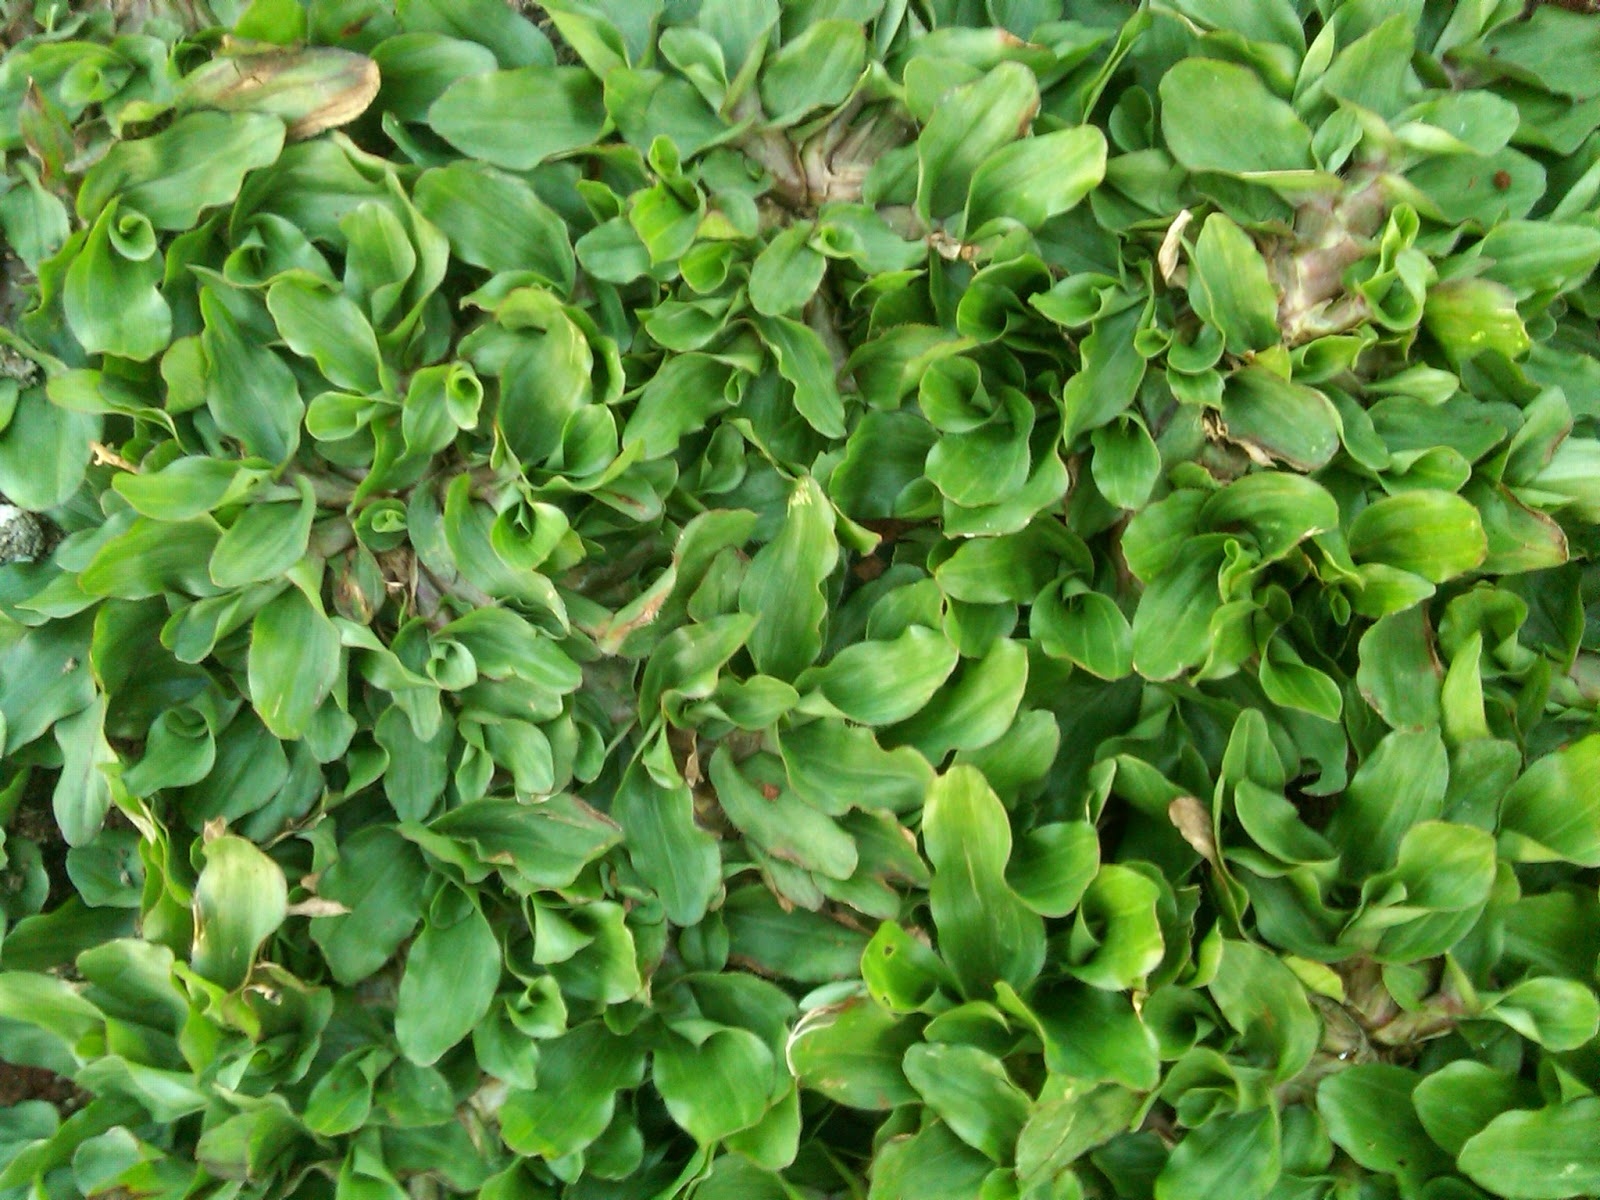 Jual Rumput Golf | Rumput Jepang | Pembuatan Taman | tukang taman | Tanaman berkwalitas